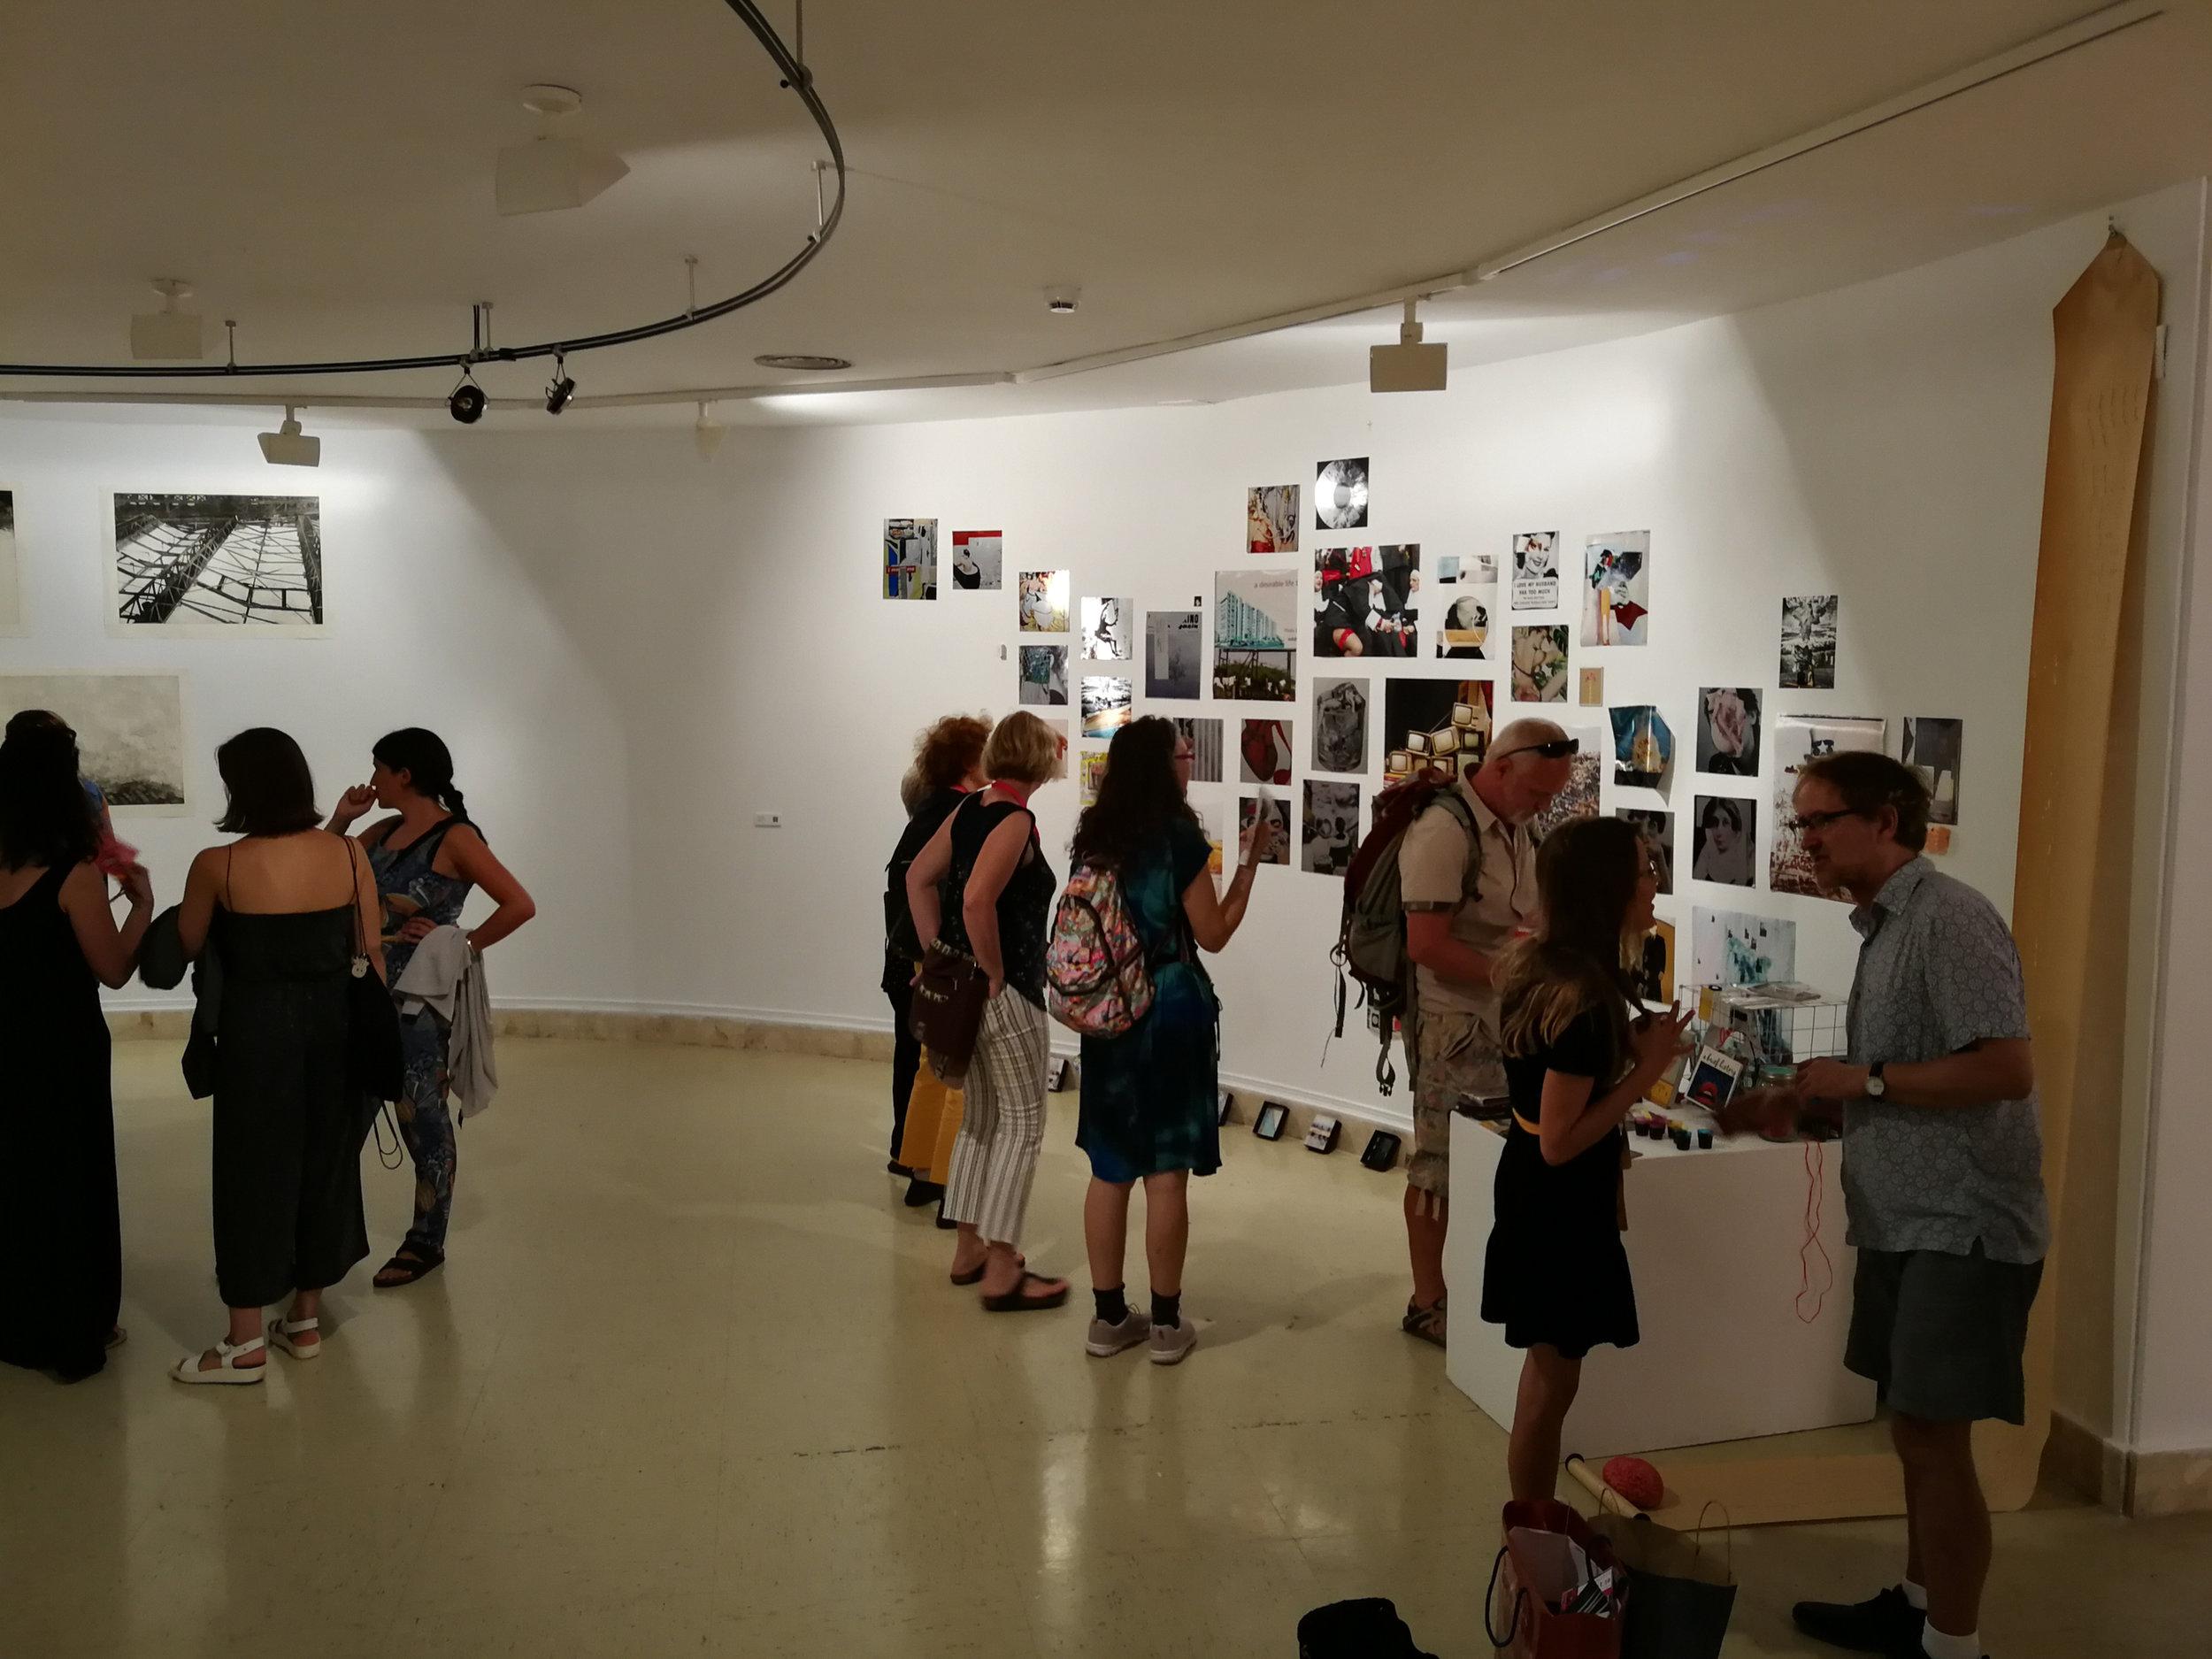 encuentro-exhibition-photos-194458.jpg